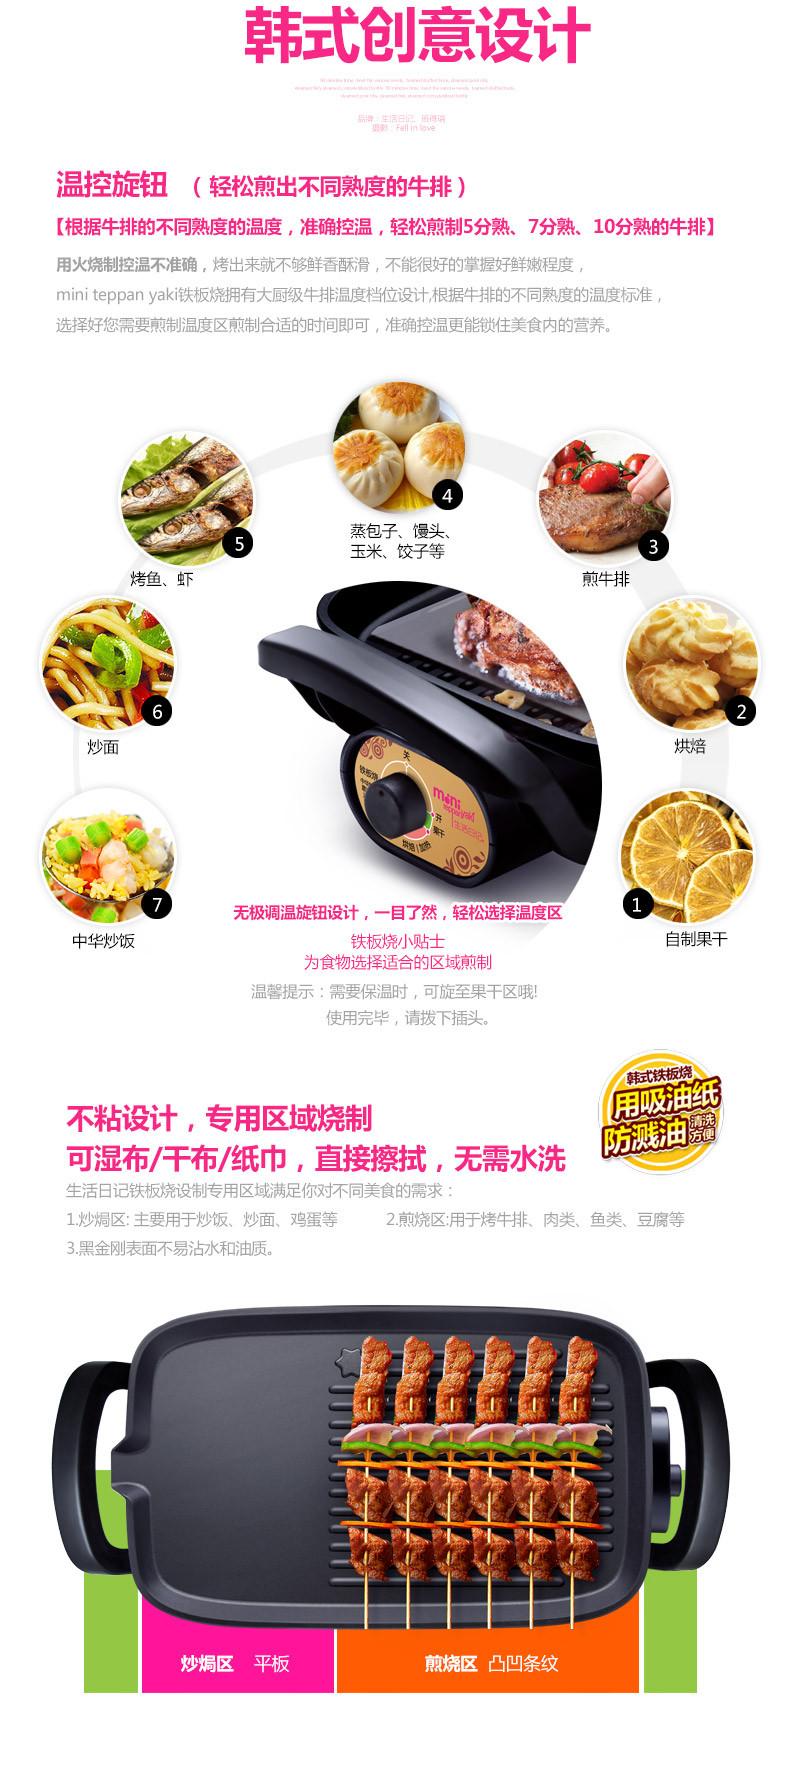 v烤箱烤箱电烧烤炉TBS-T6电小学烧烤炉烤盘分校日记武汉图片